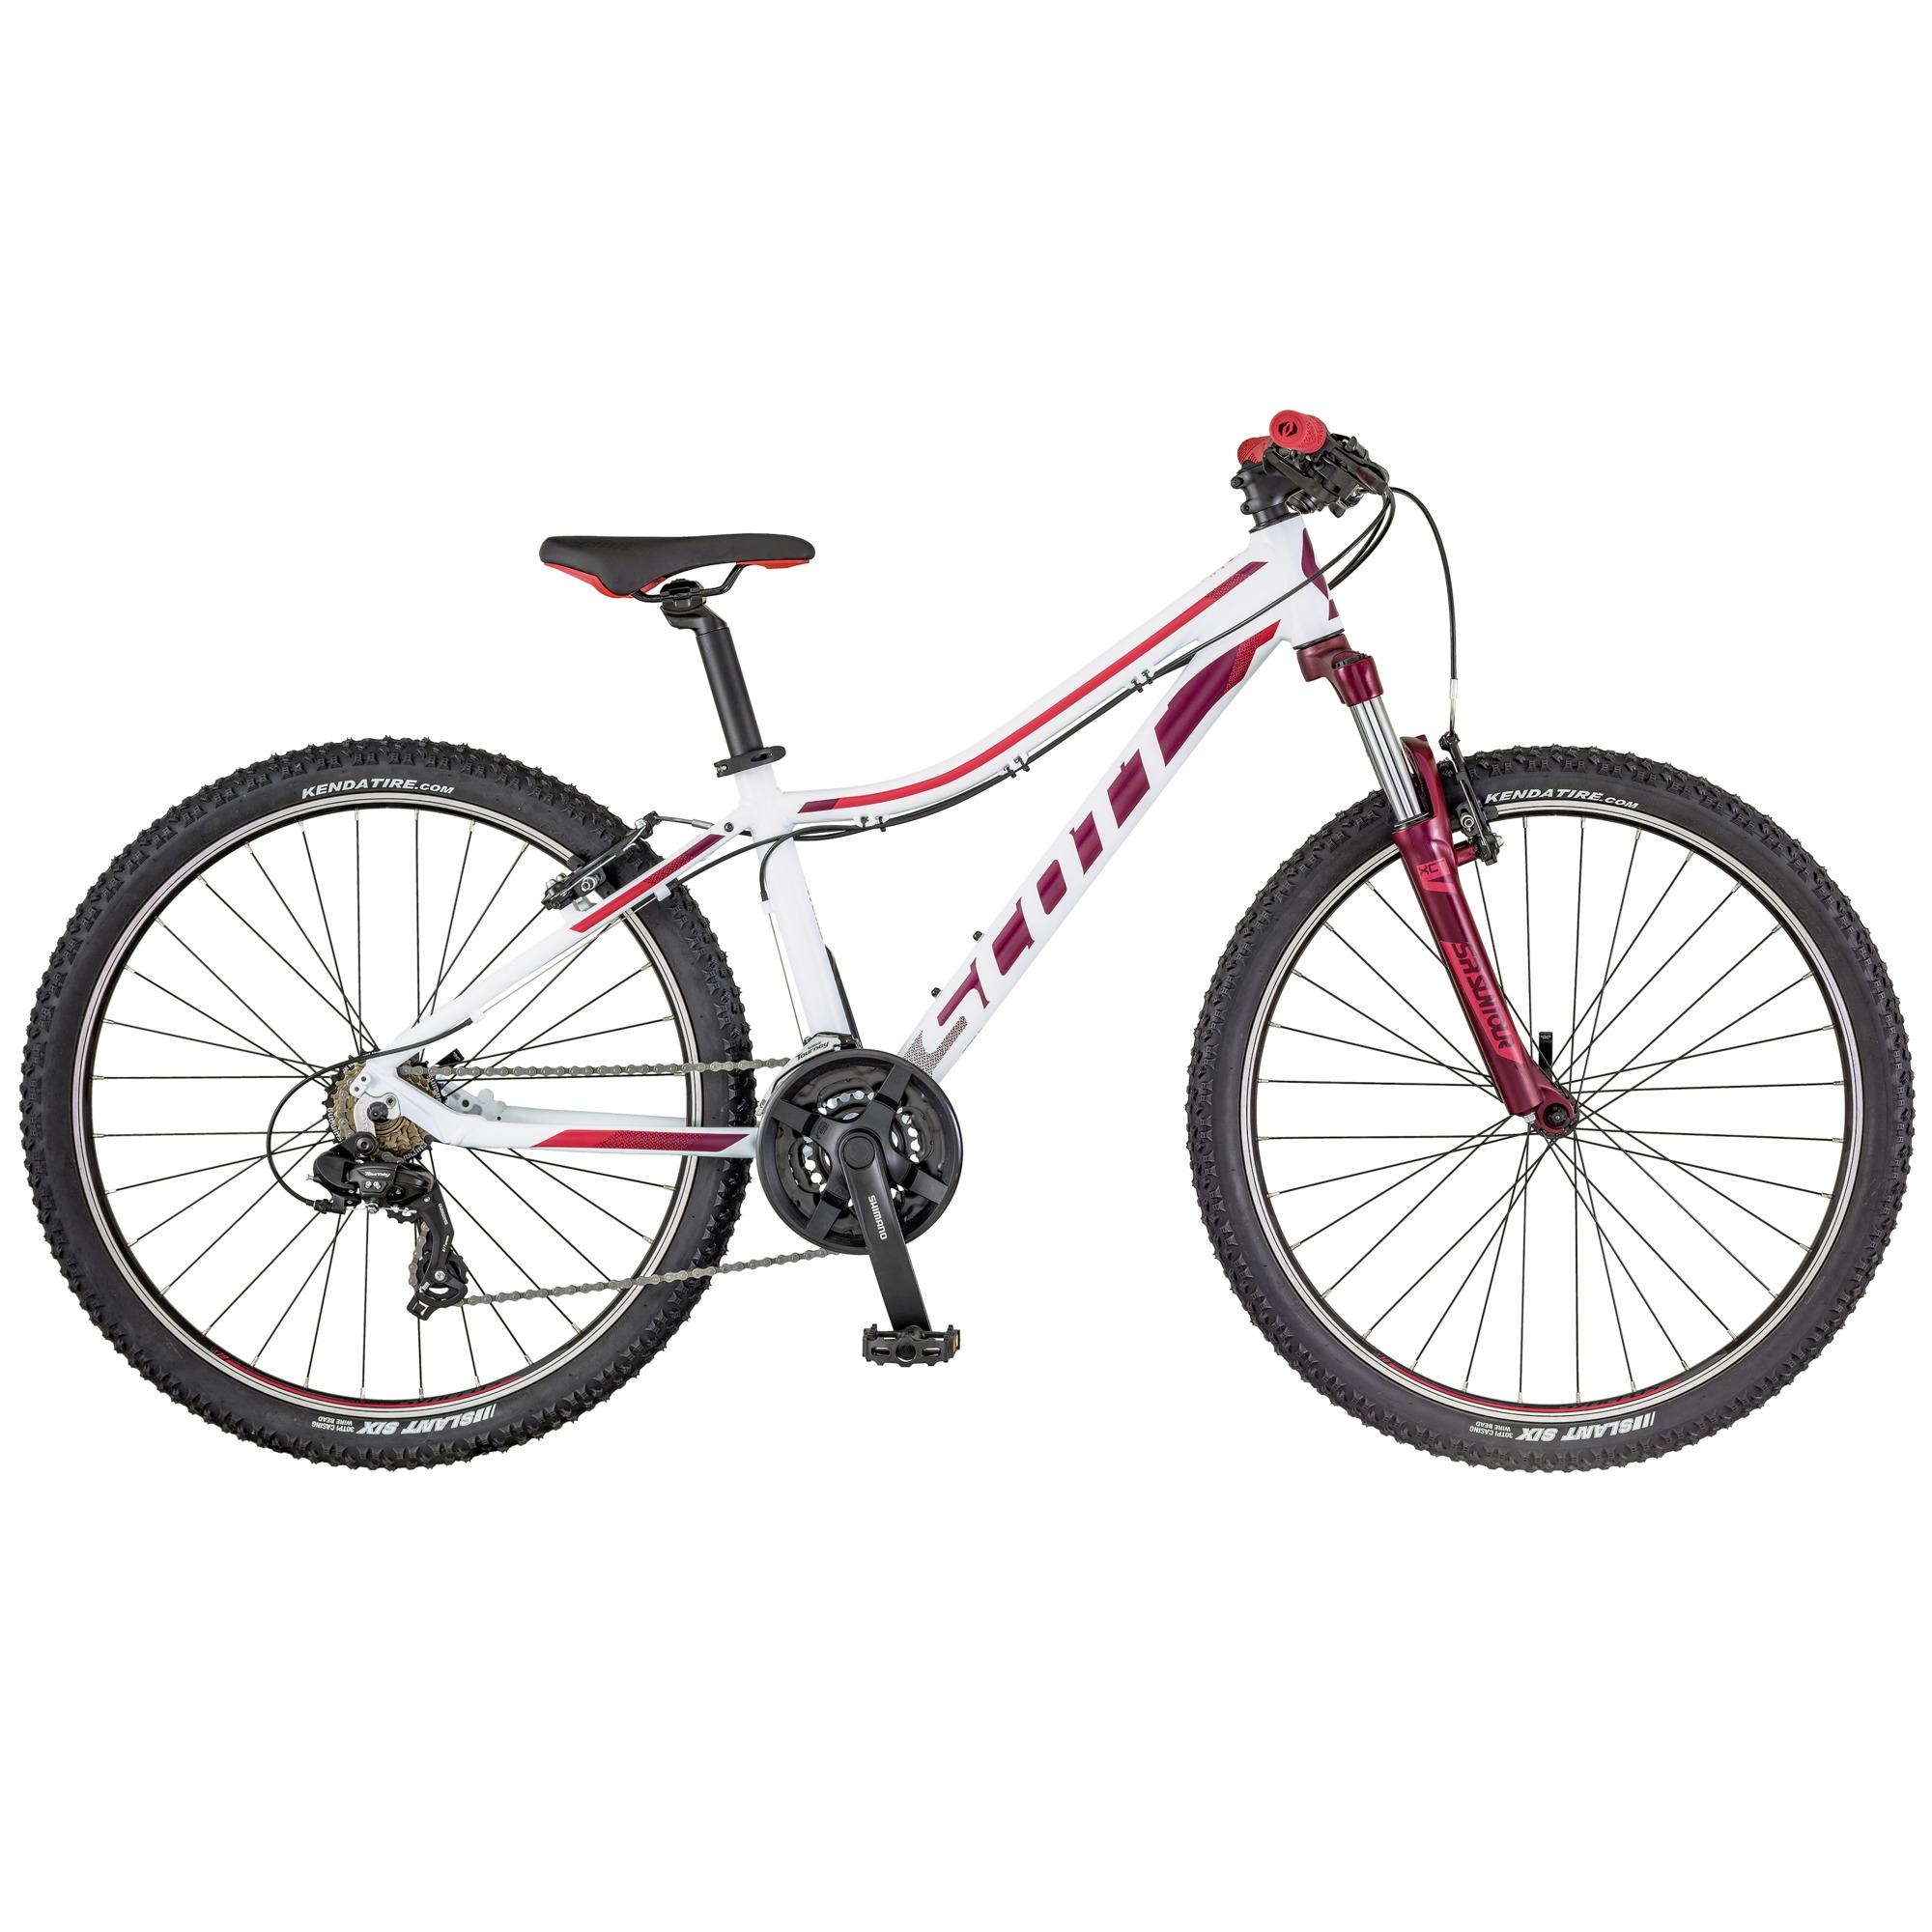 SCOTT Contessa JR 26 Bike 26